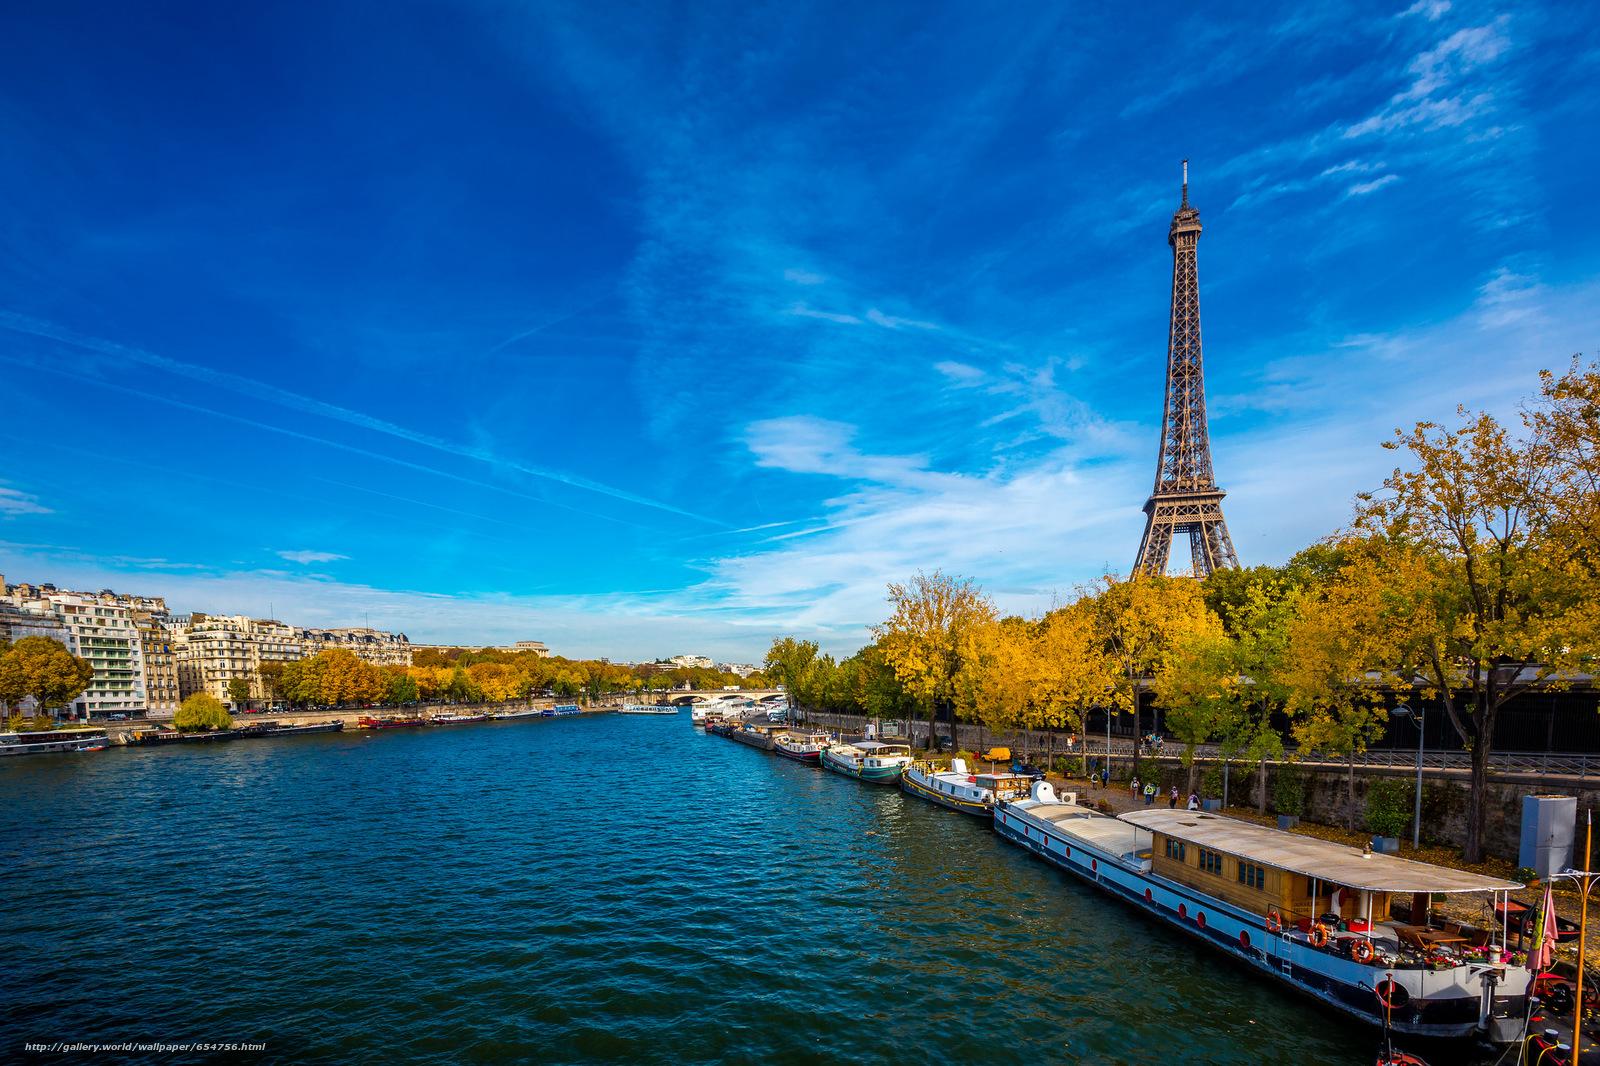 pobra tapety Wieża Eiffla,  Paryż,  Francja,  Wieża Eiffla Darmowe tapety na pulpit rozdzielczoci 2048x1365 — zdjcie №654756